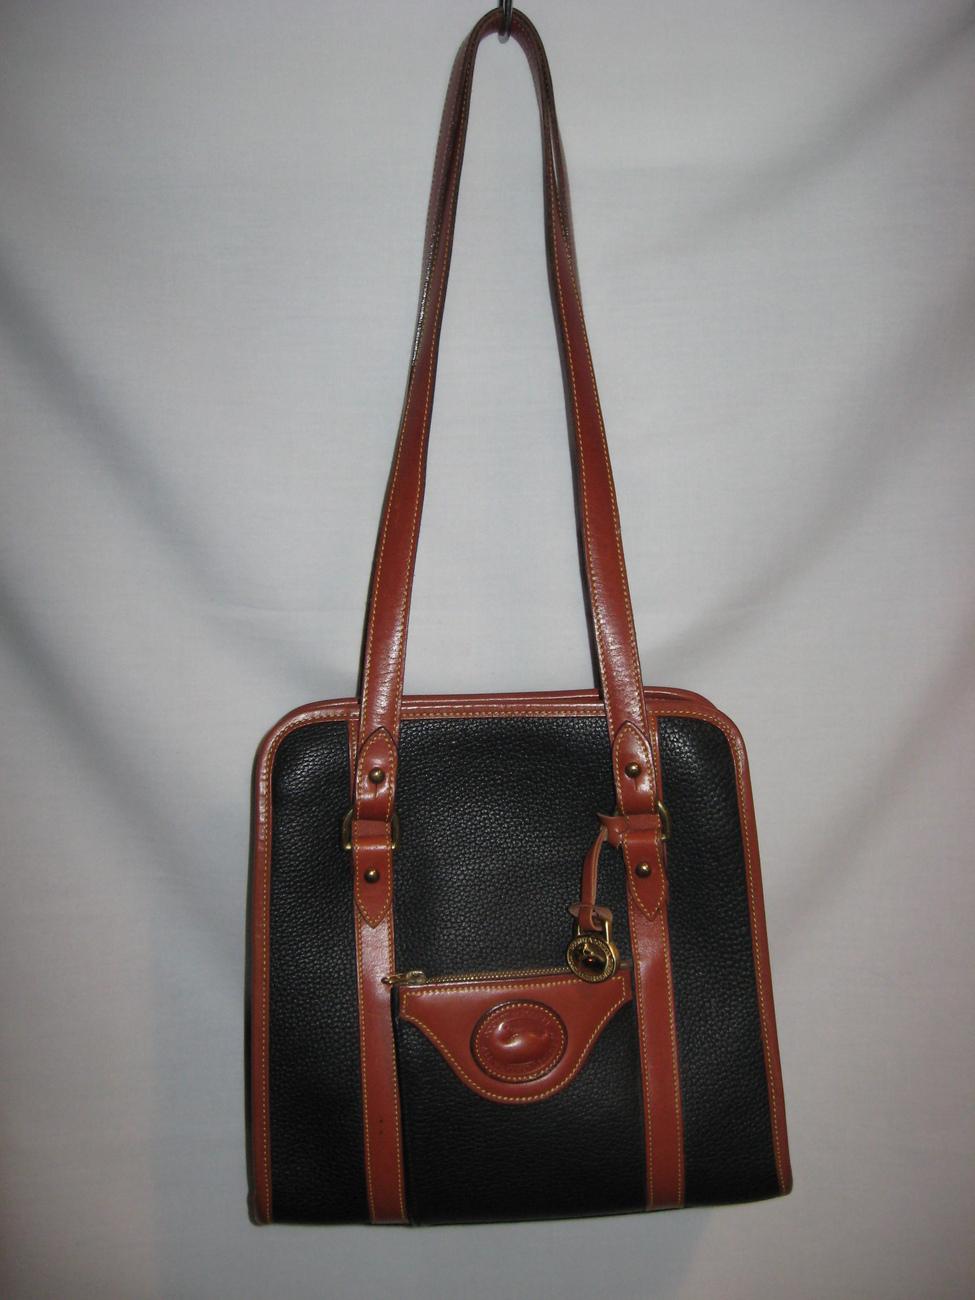 Vintage dooney and bourke handbag shoulder bag purse leather black